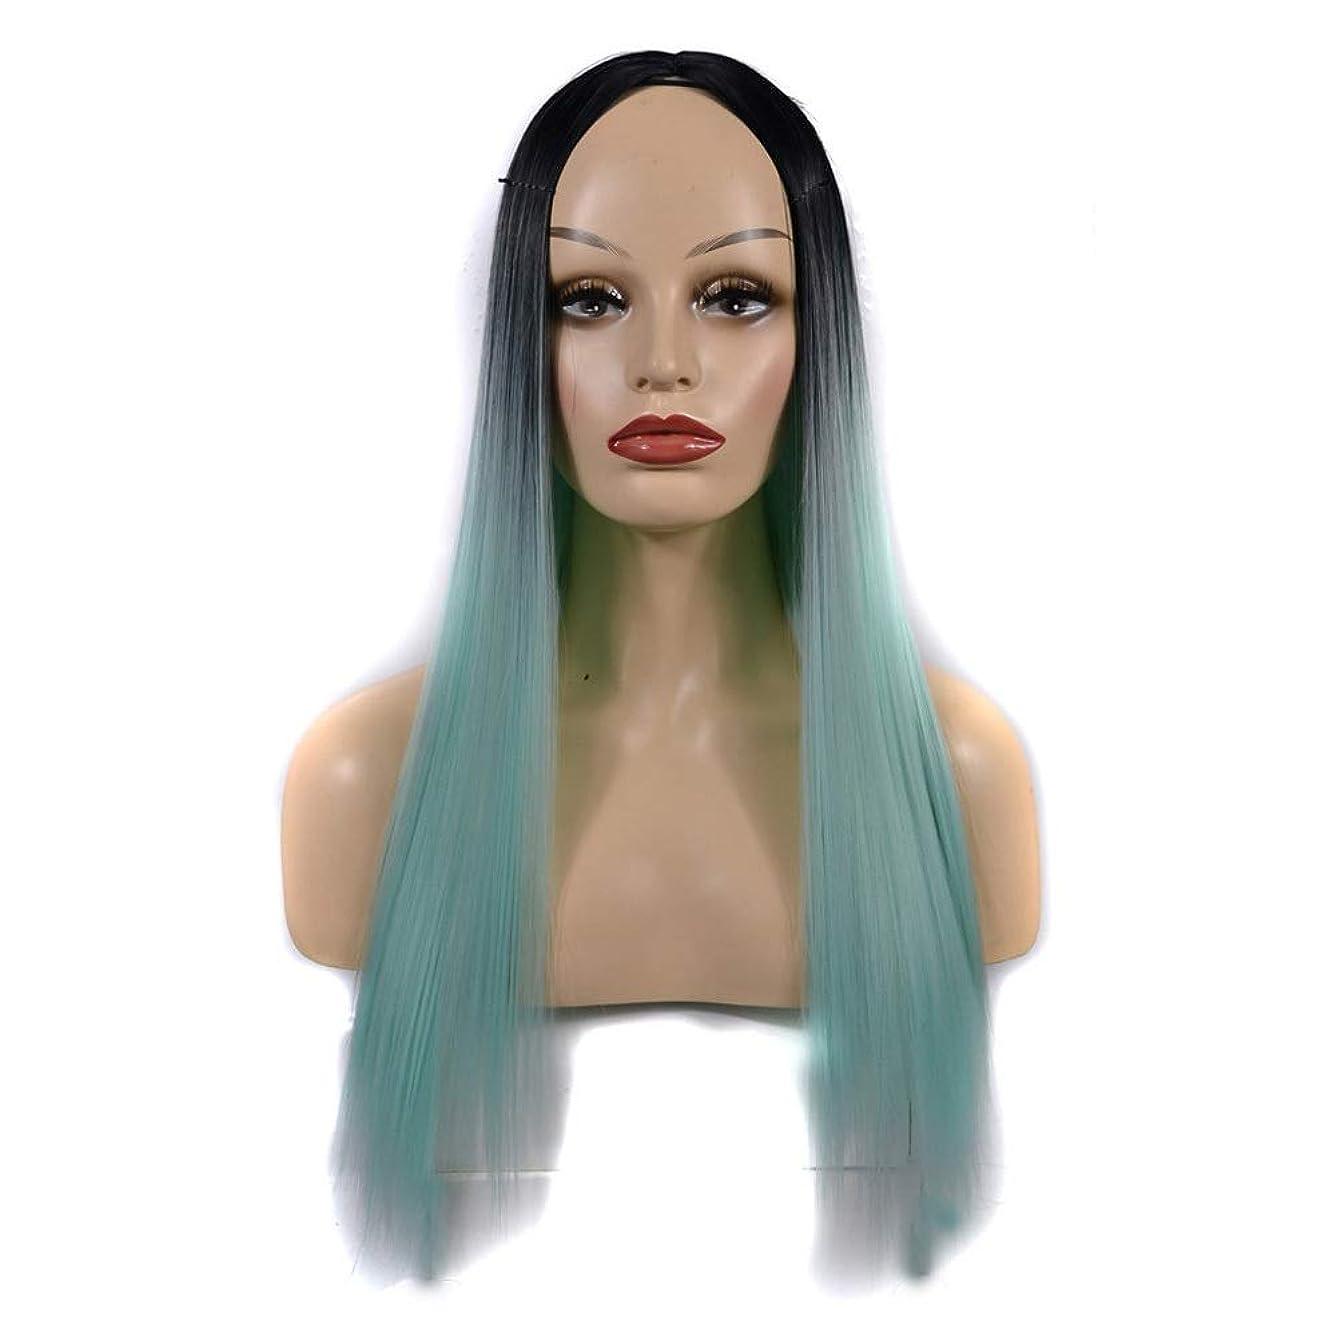 インフルエンザバイオレットコンペBOBIDYEE 女性のための合成かつら黒髪の根緑の長いストレートの髪自然なパーティー用ウィッグ (色 : オレンジ, サイズ : 60cm)